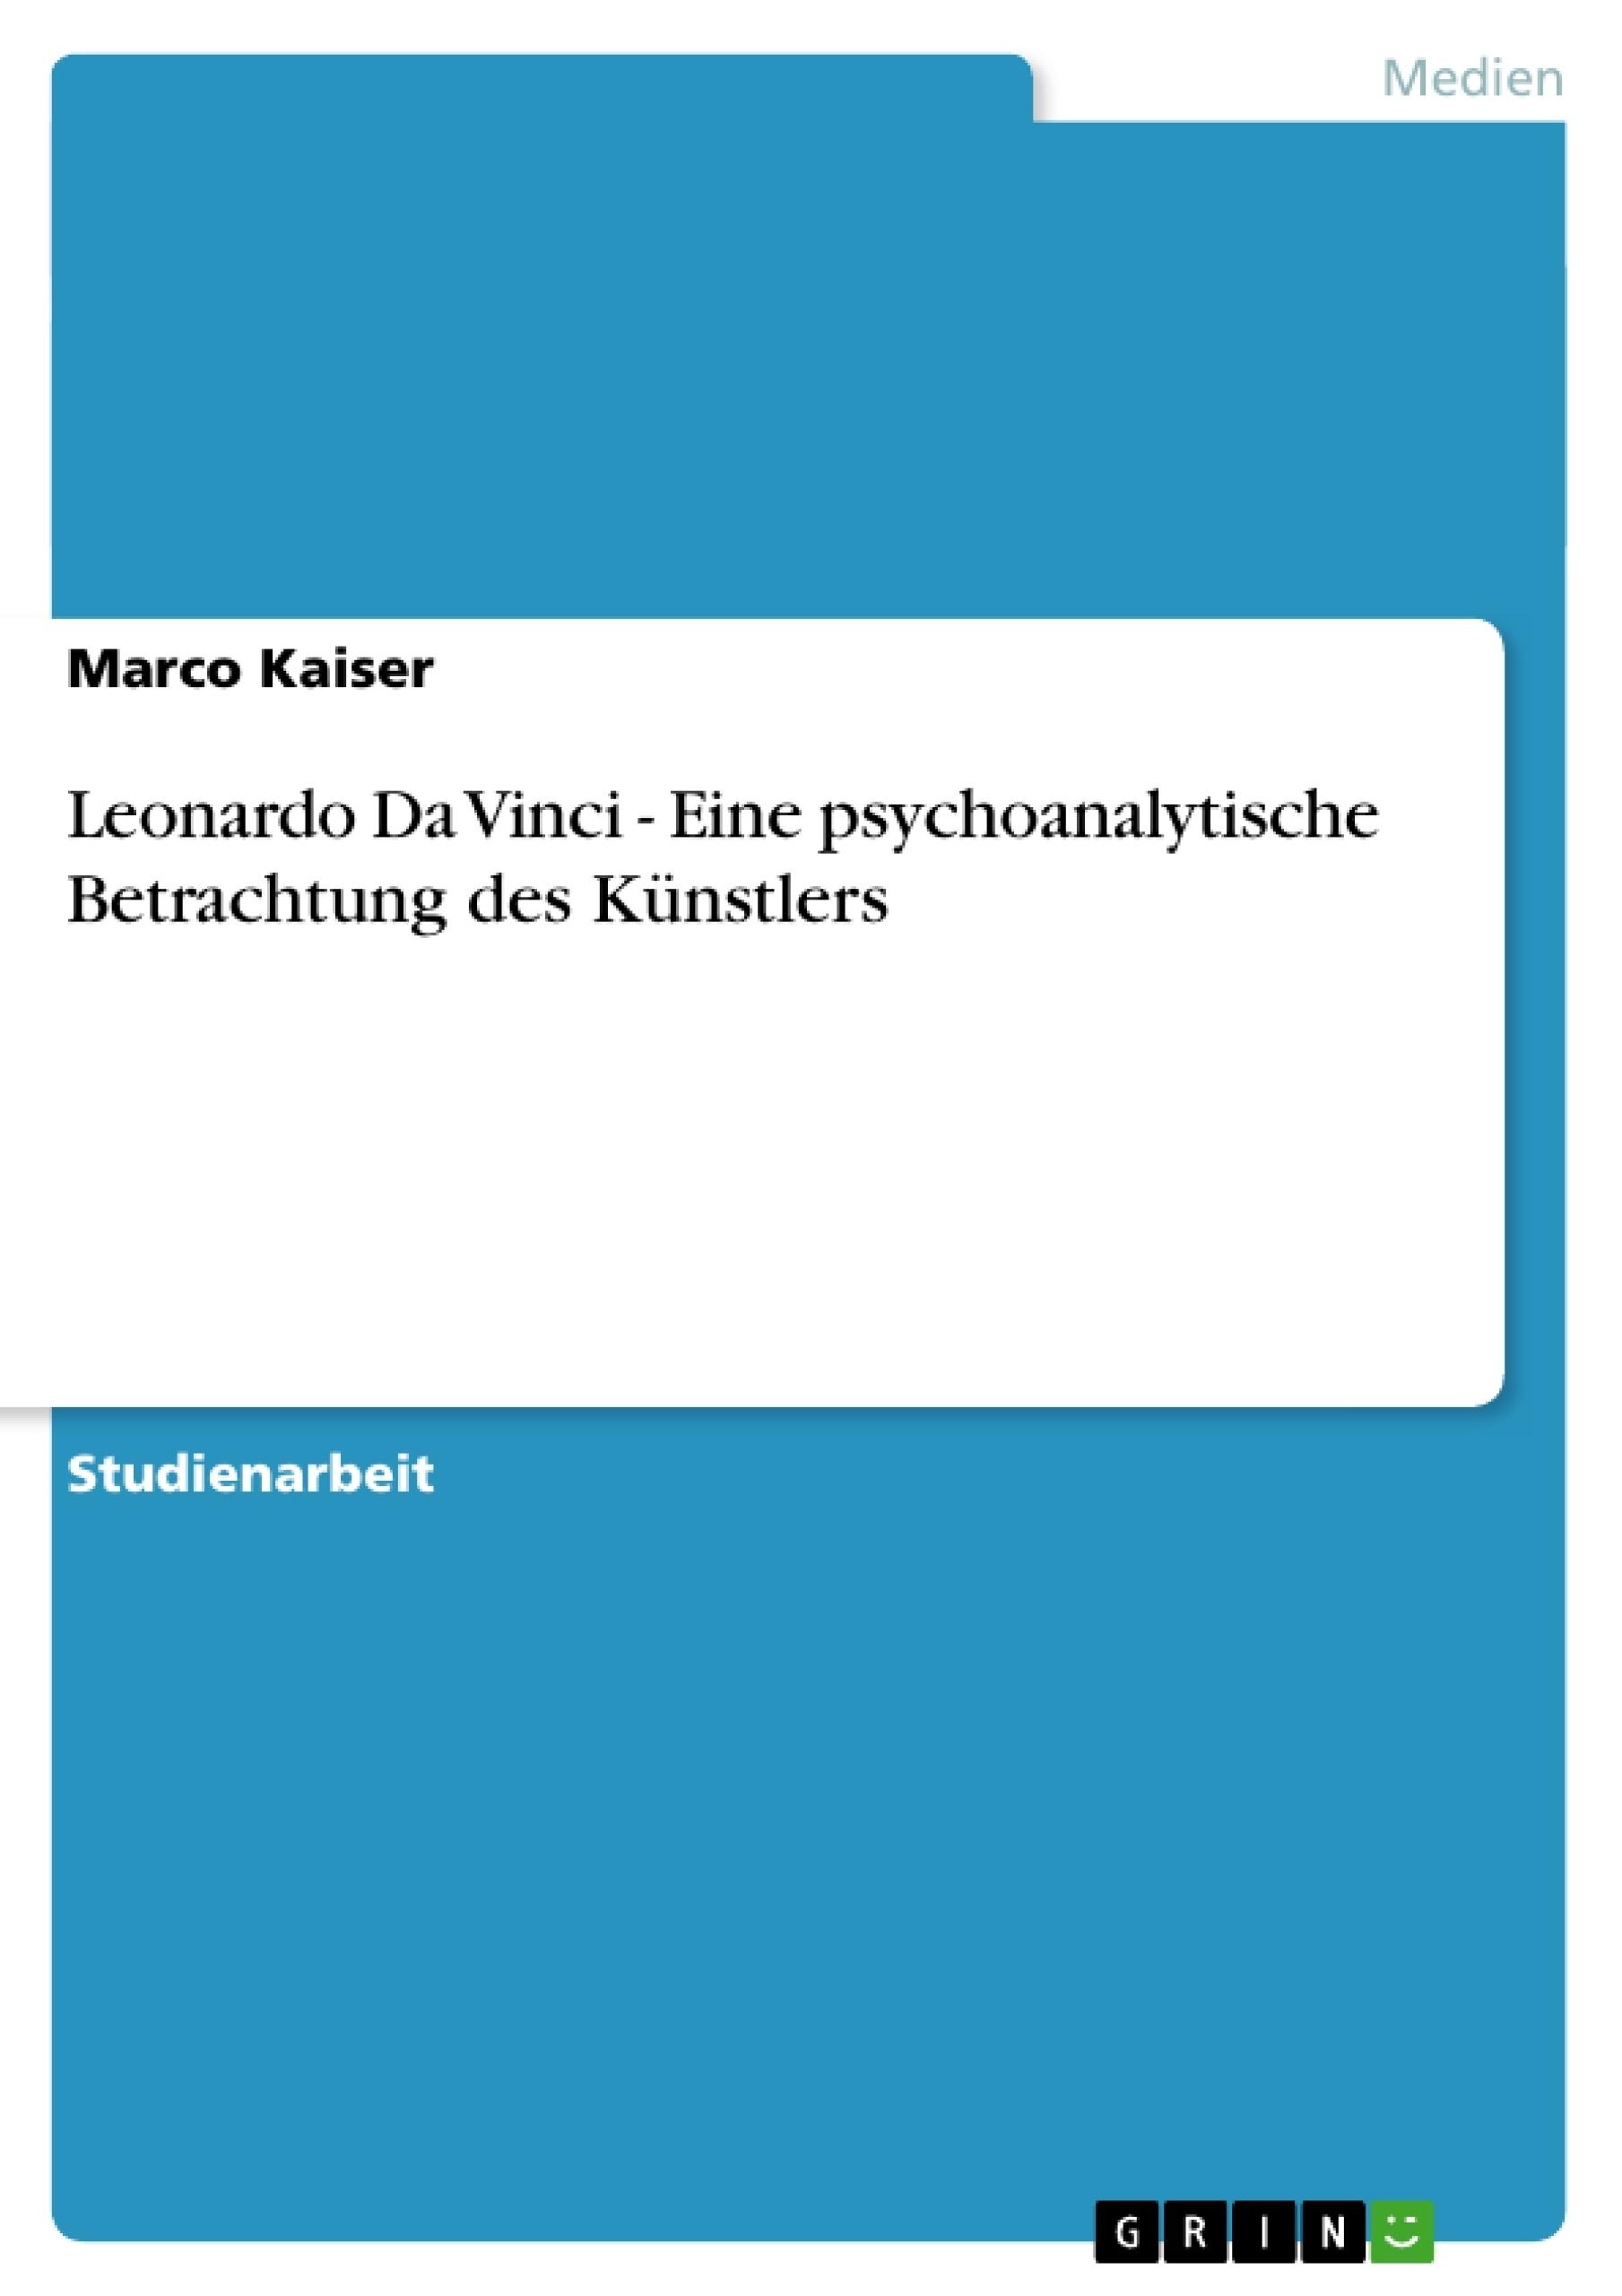 leonardo da vinci eine psychoanalytische betrachtung des knstlers german edition